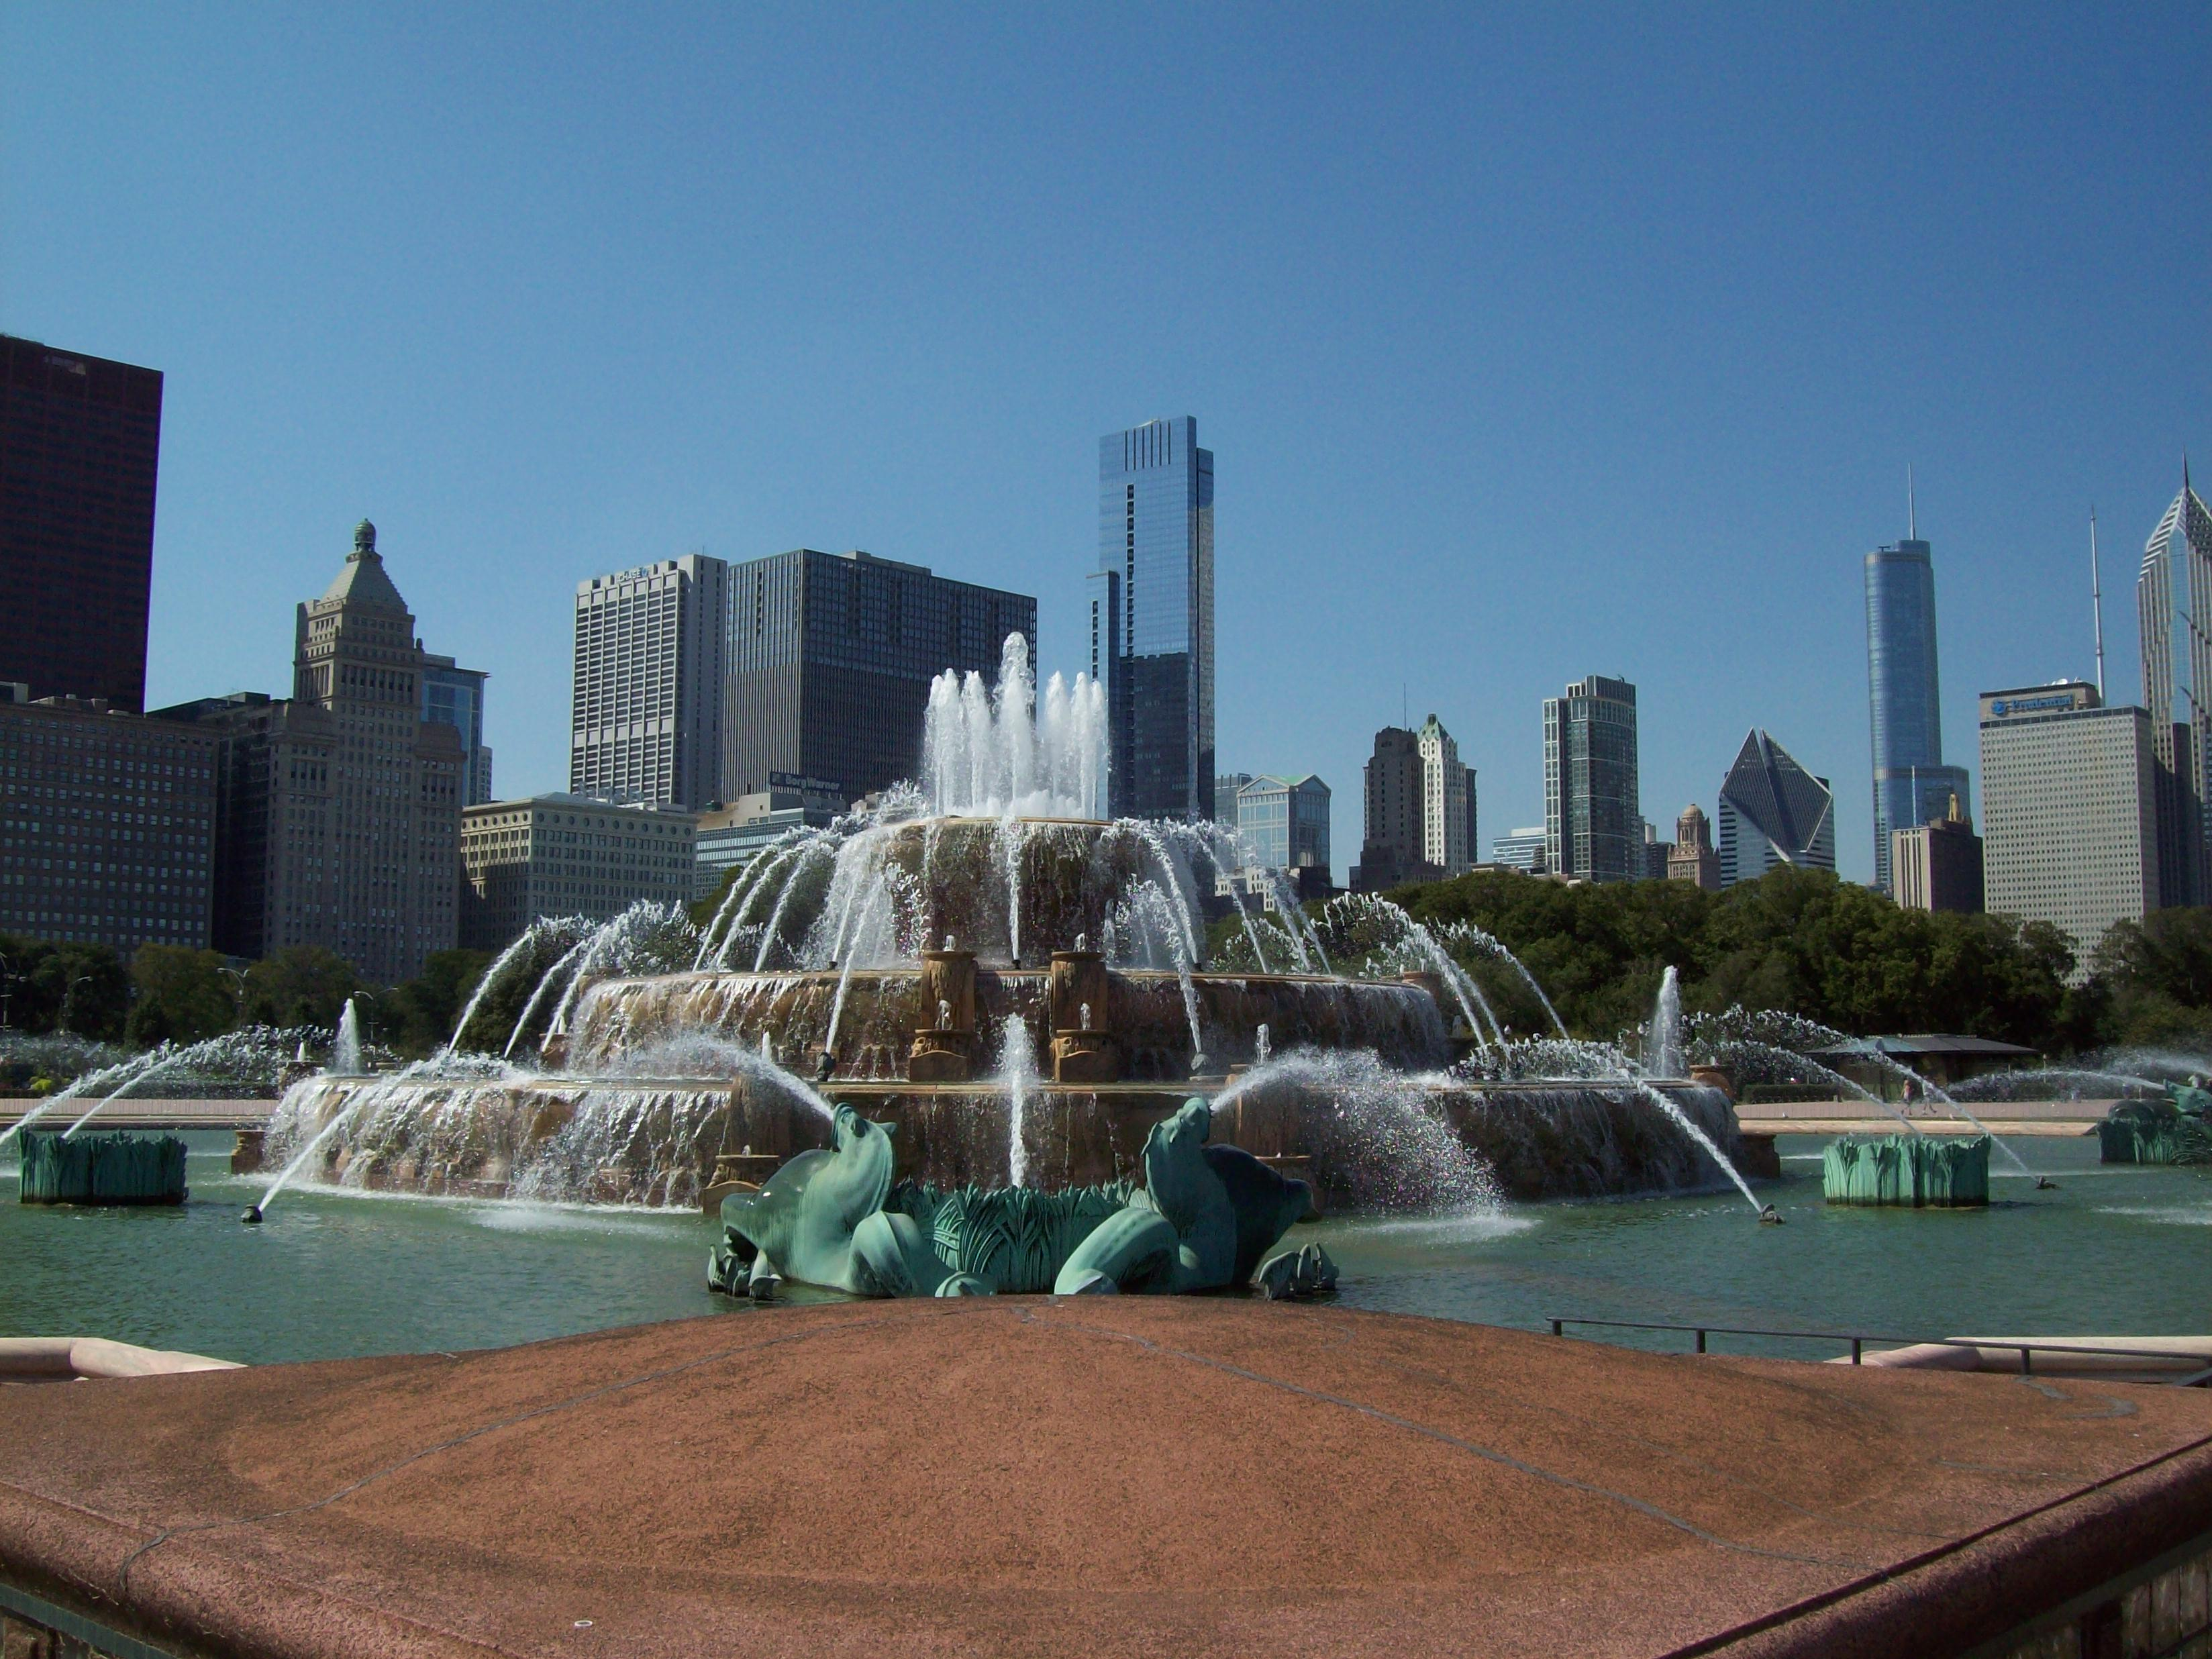 Buckingham Fountain & close Chicago skyline, Aug 10.jpg